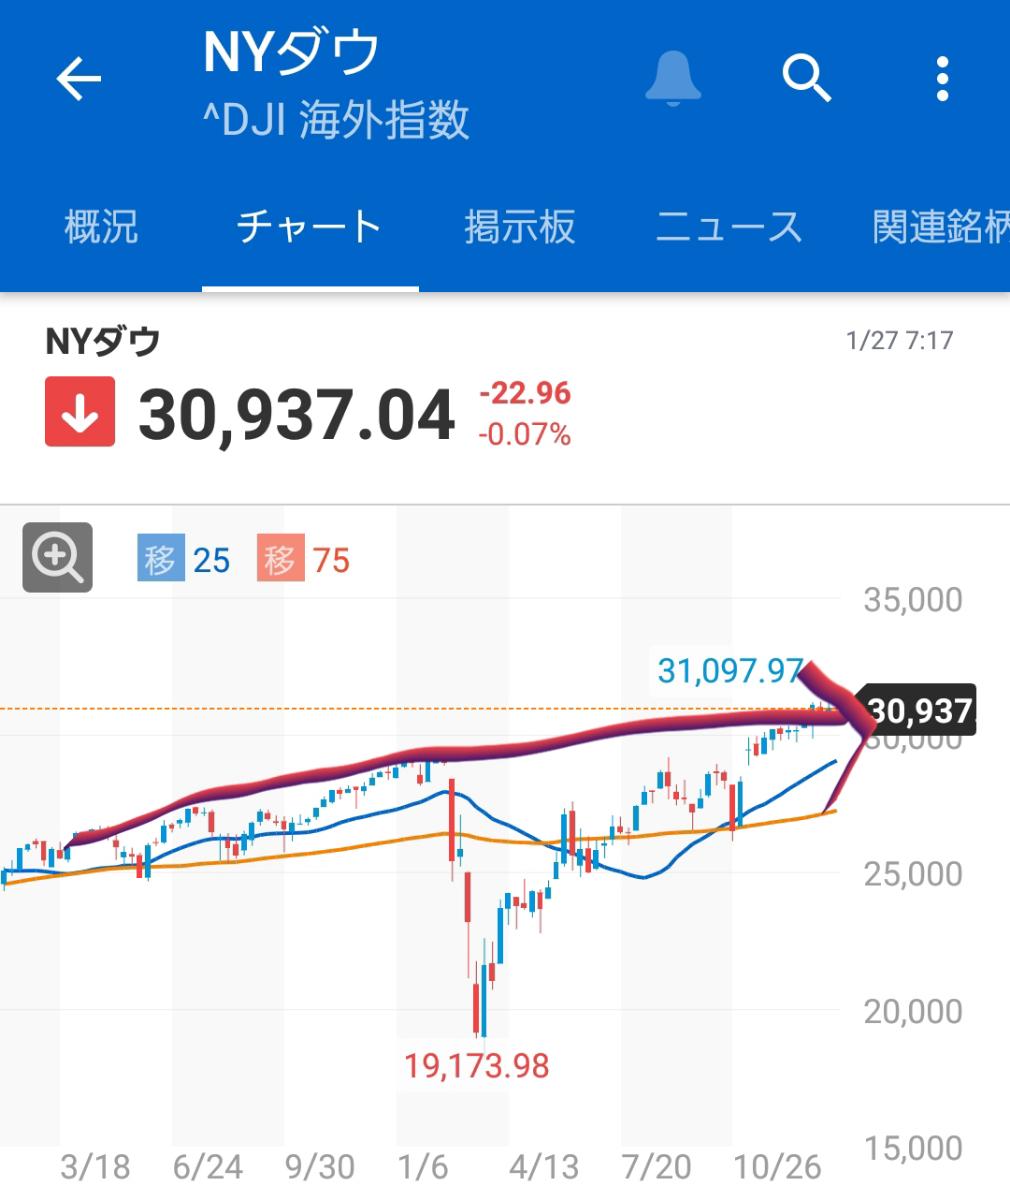 ^DJI - NYダウ 去年の暴落が無かったと仮定すれば、何もバブルではない。